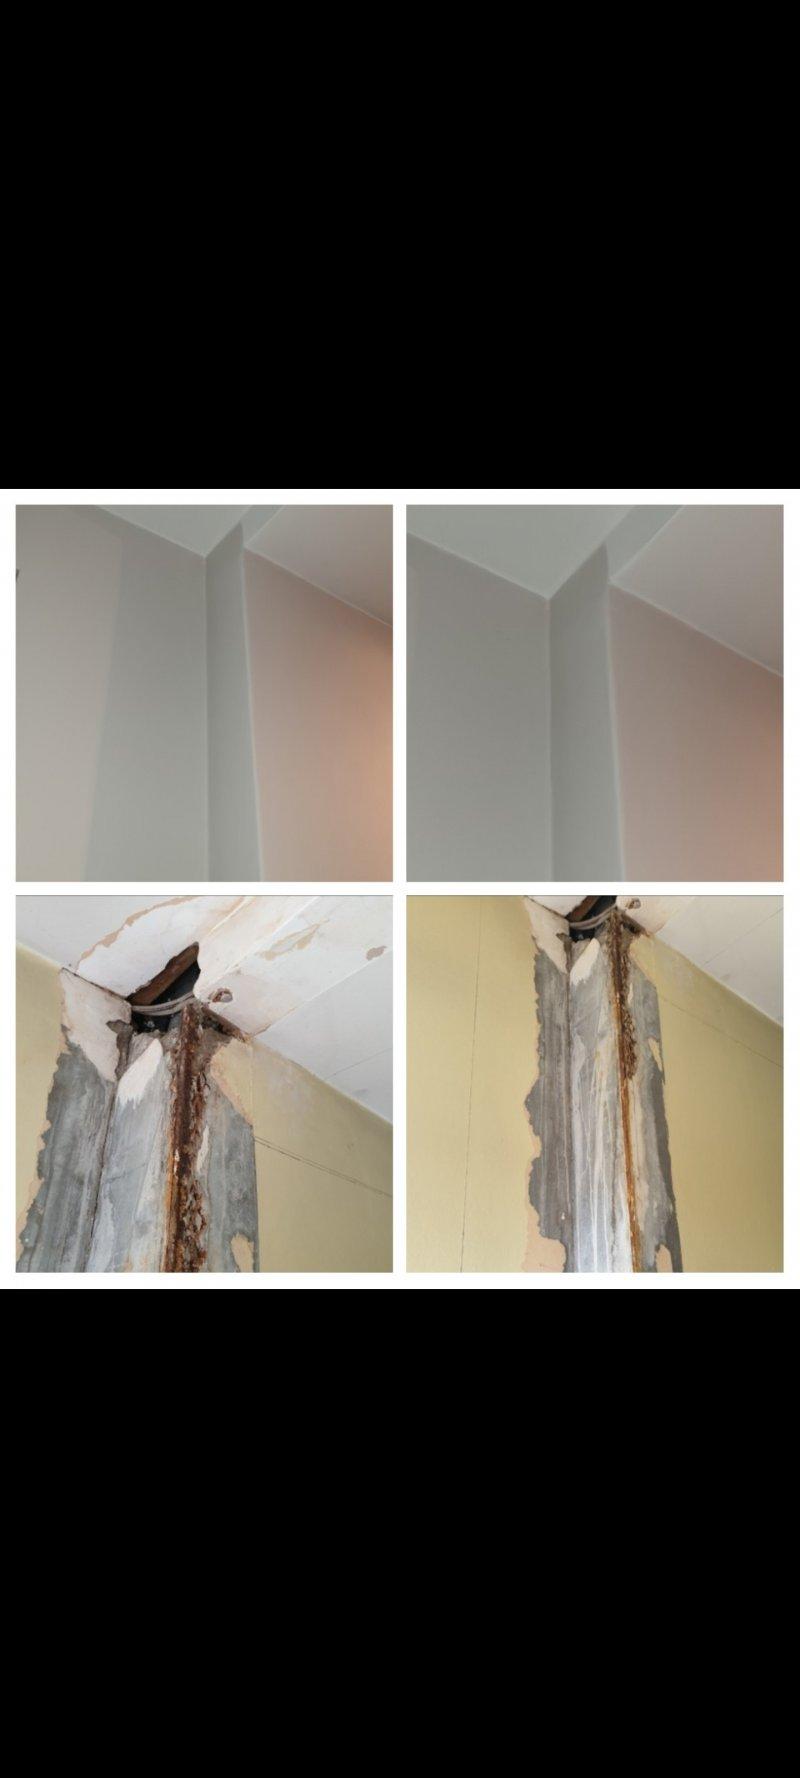 Leak damage repair